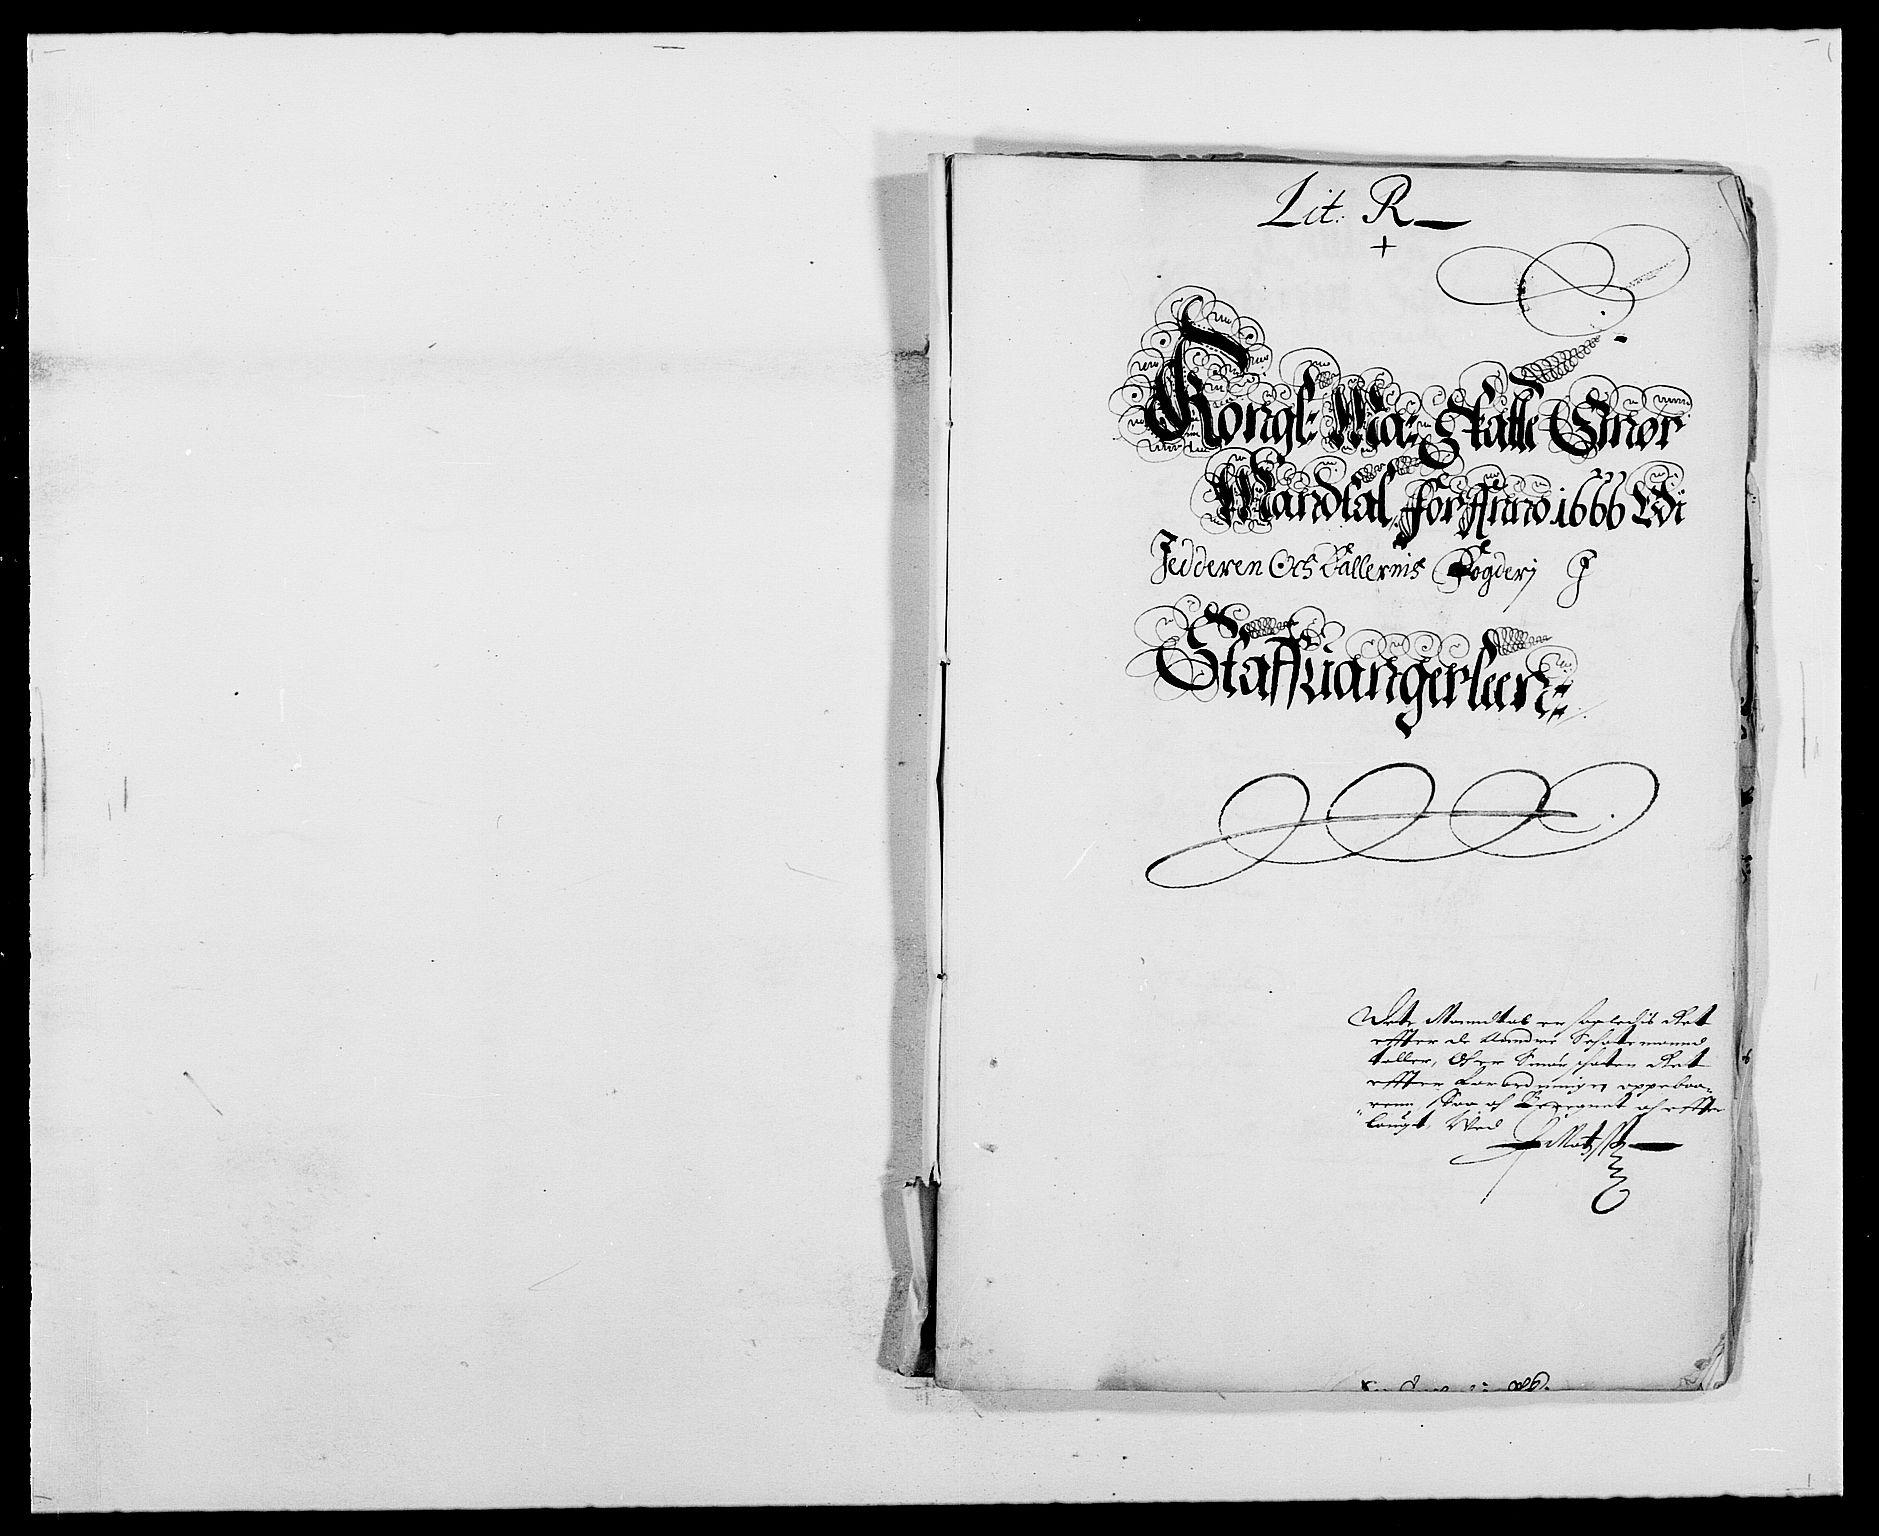 RA, Rentekammeret inntil 1814, Reviderte regnskaper, Fogderegnskap, R46/L2710: Fogderegnskap Jæren og Dalane, 1667, s. 186